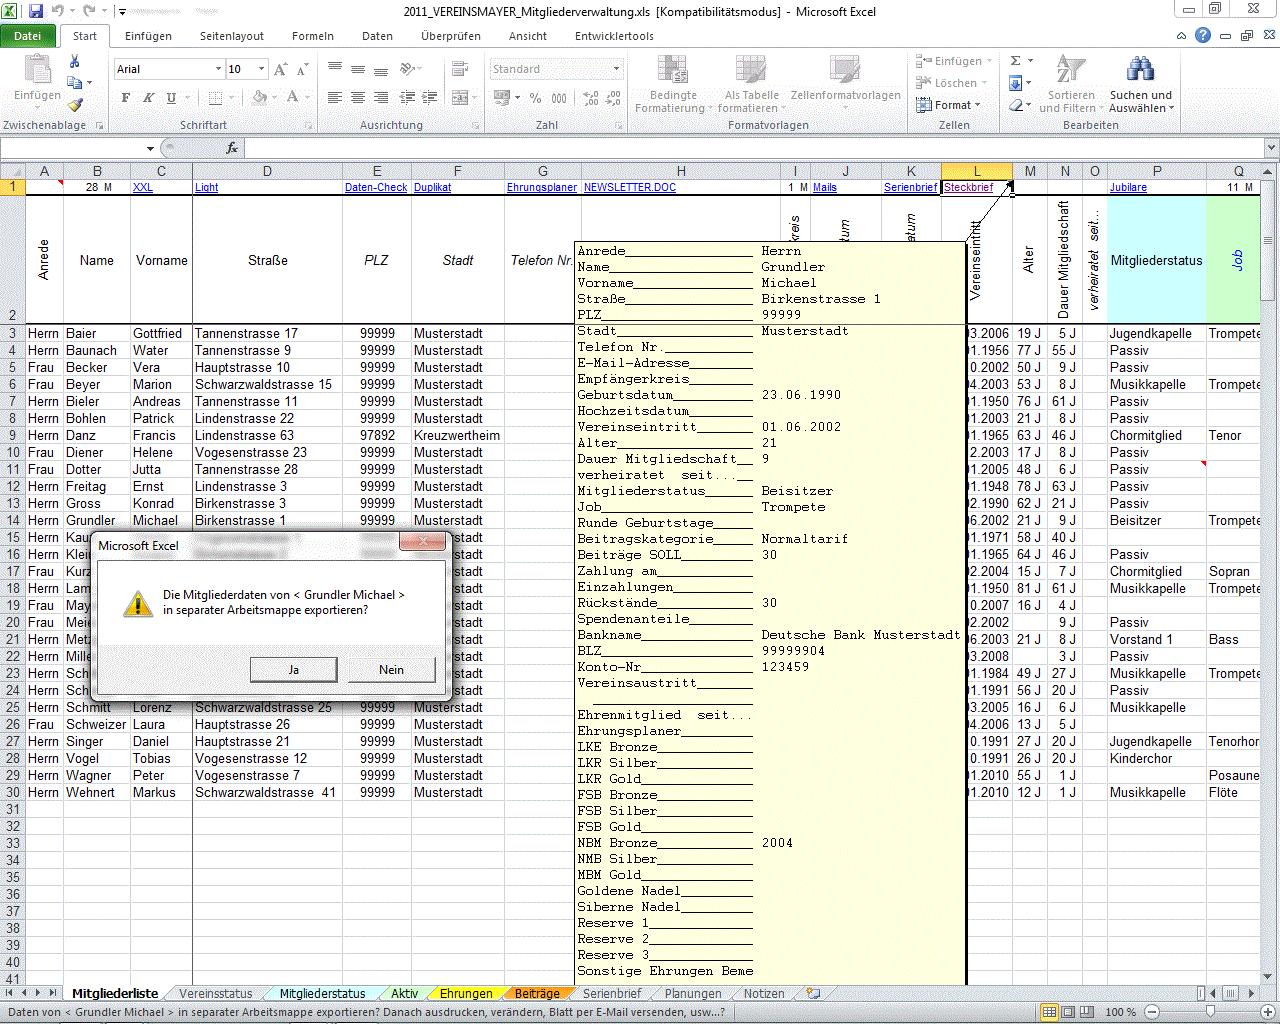 VEREINSMAYER - meine persönliche Vereinsverwaltung unter Excel